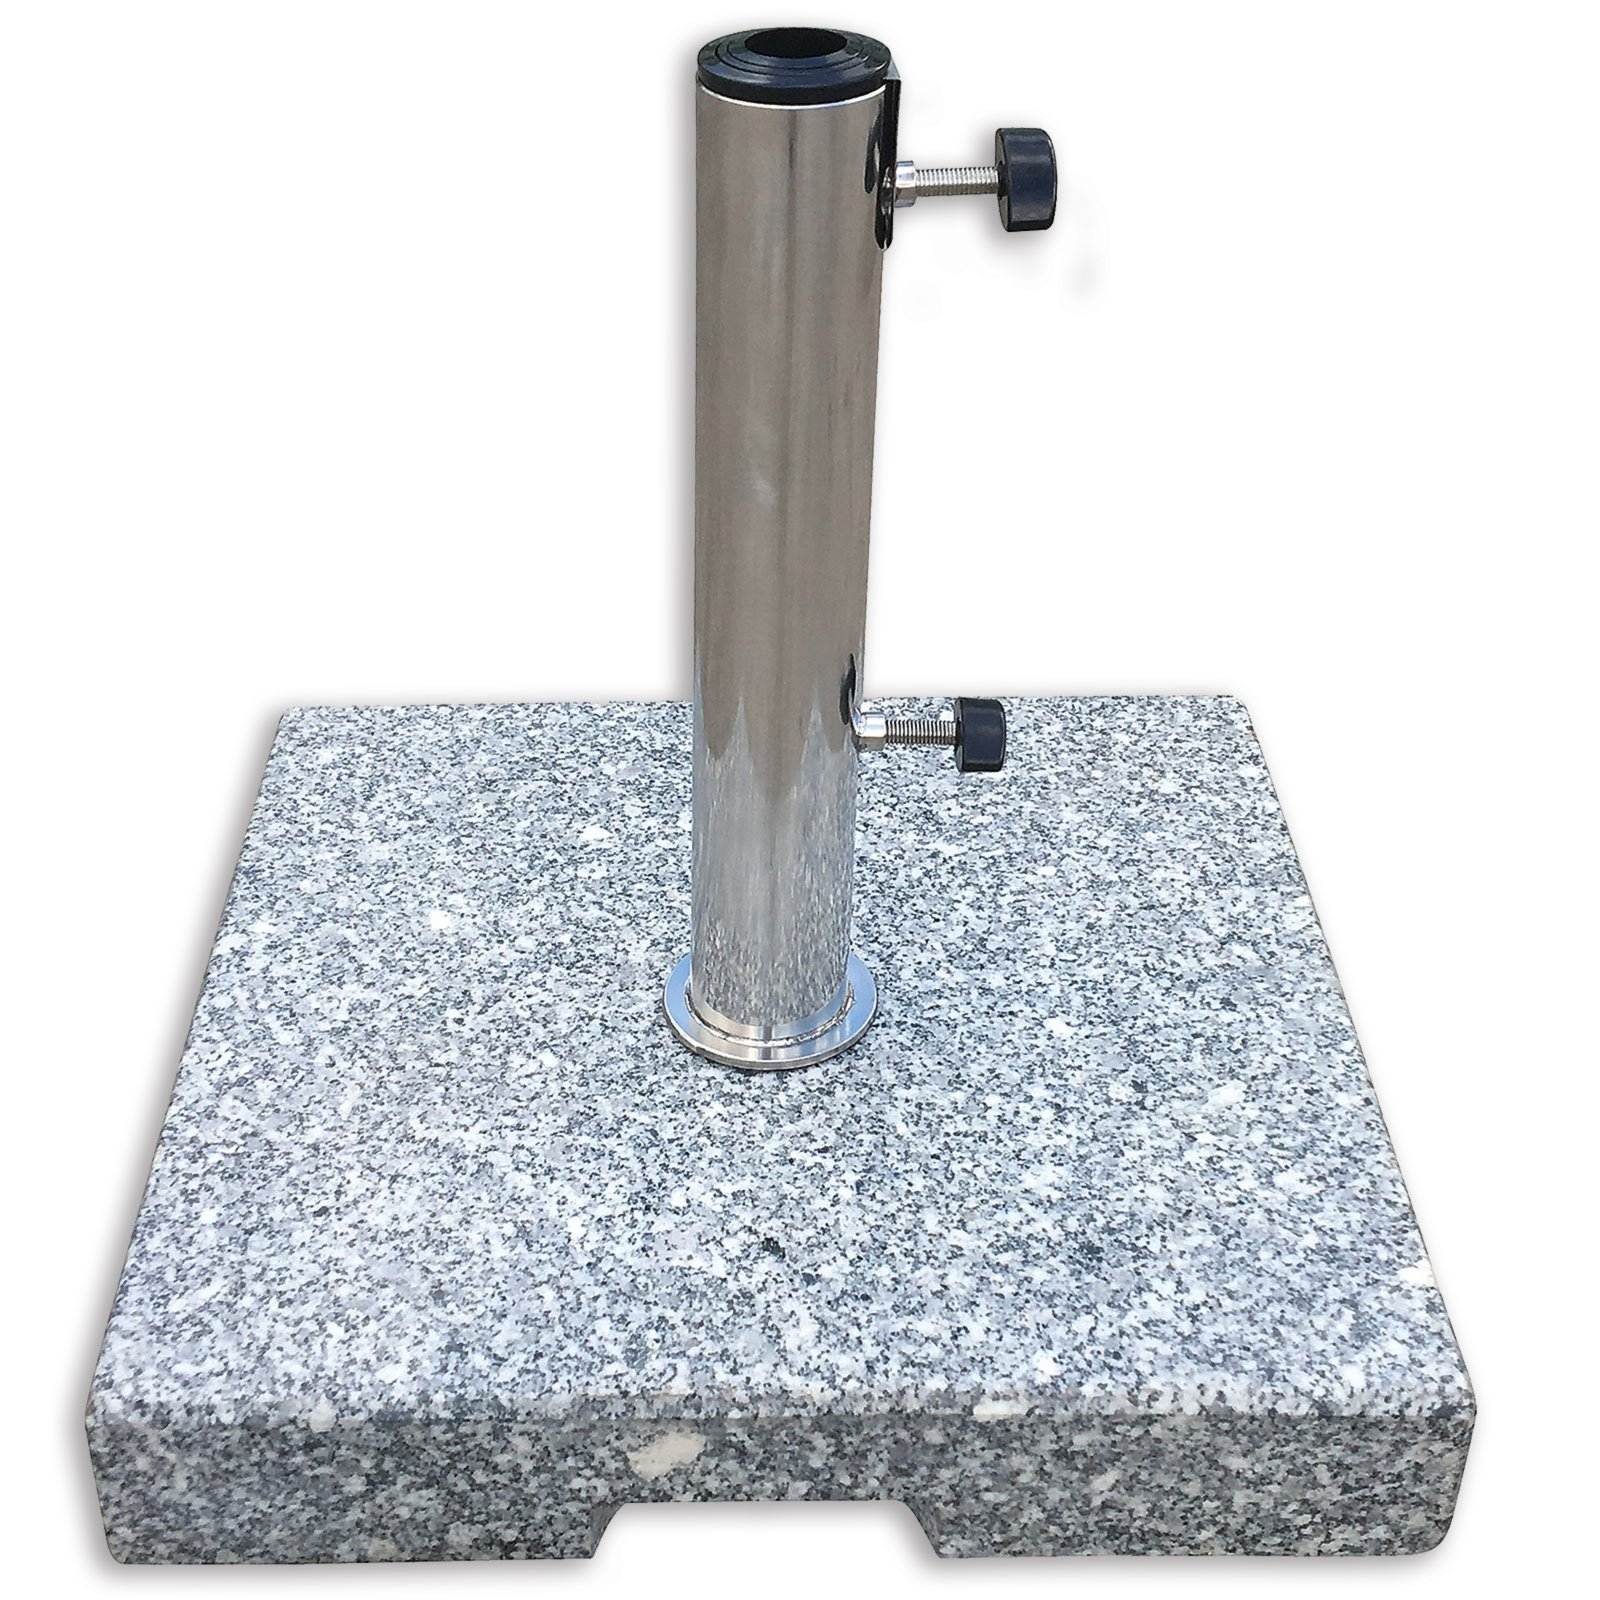 schirmst nder granit 2 5 3 7 cm schirmst nder flur diele wohnbereiche roller m belhaus. Black Bedroom Furniture Sets. Home Design Ideas